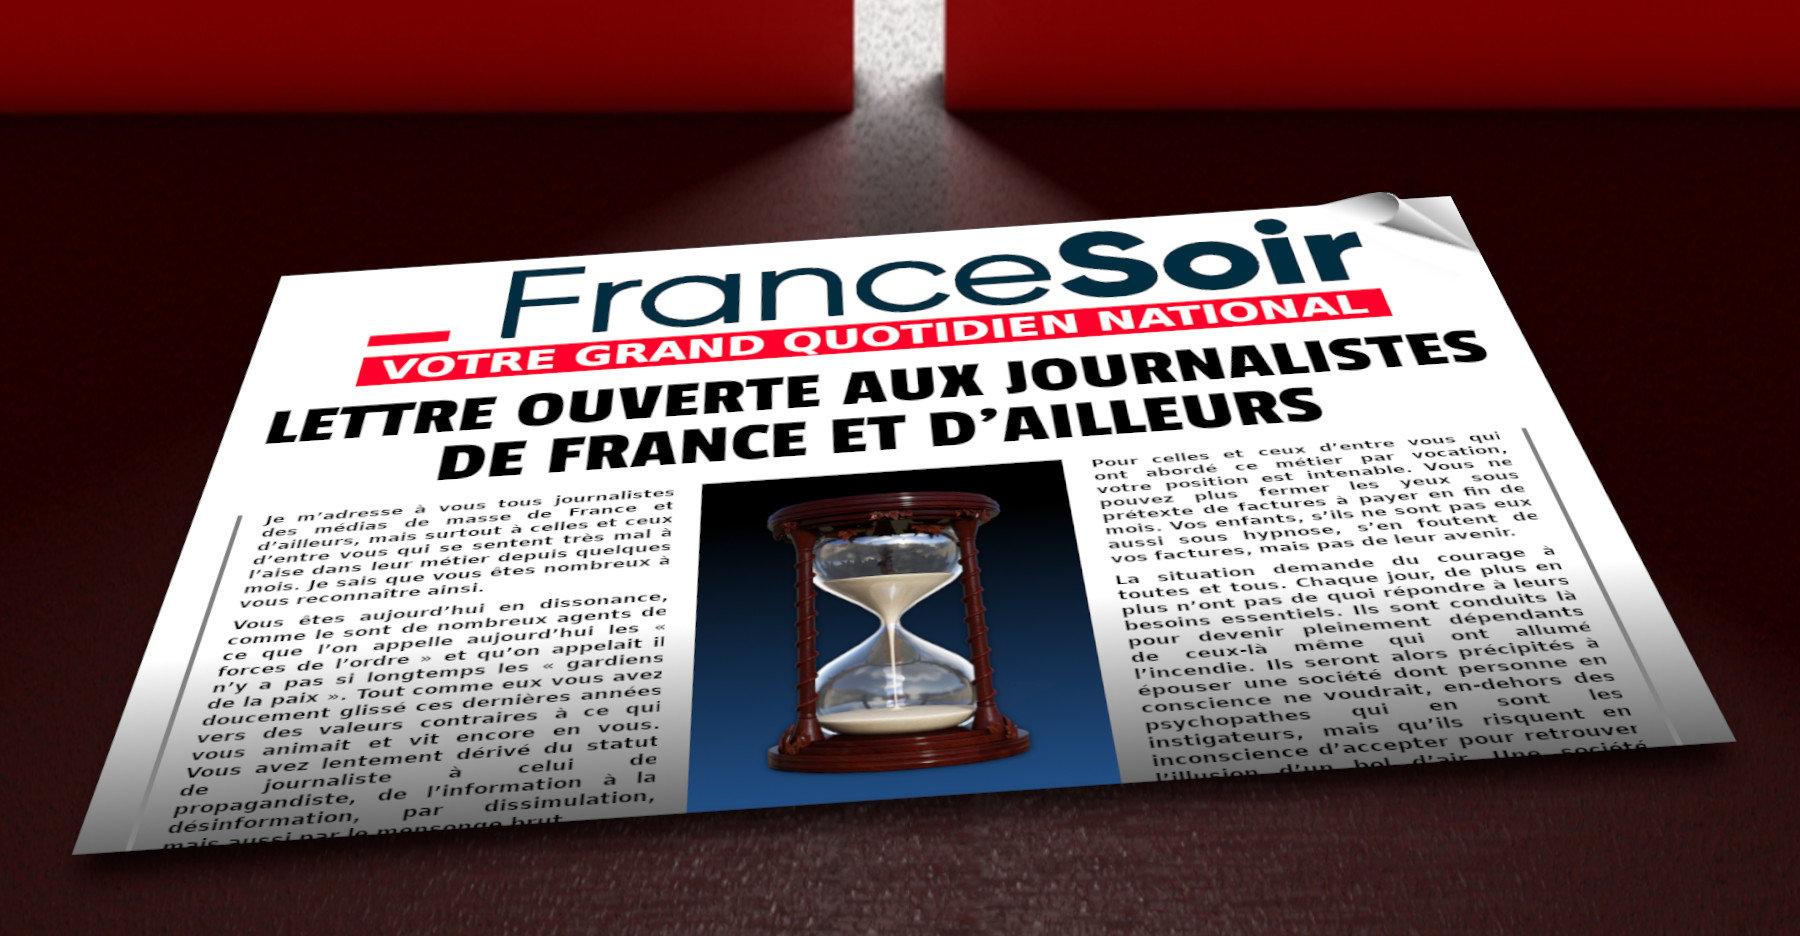 Lettre Ouverte Aux Journalistes De France Et D'ailleurs. Par Francesoir.